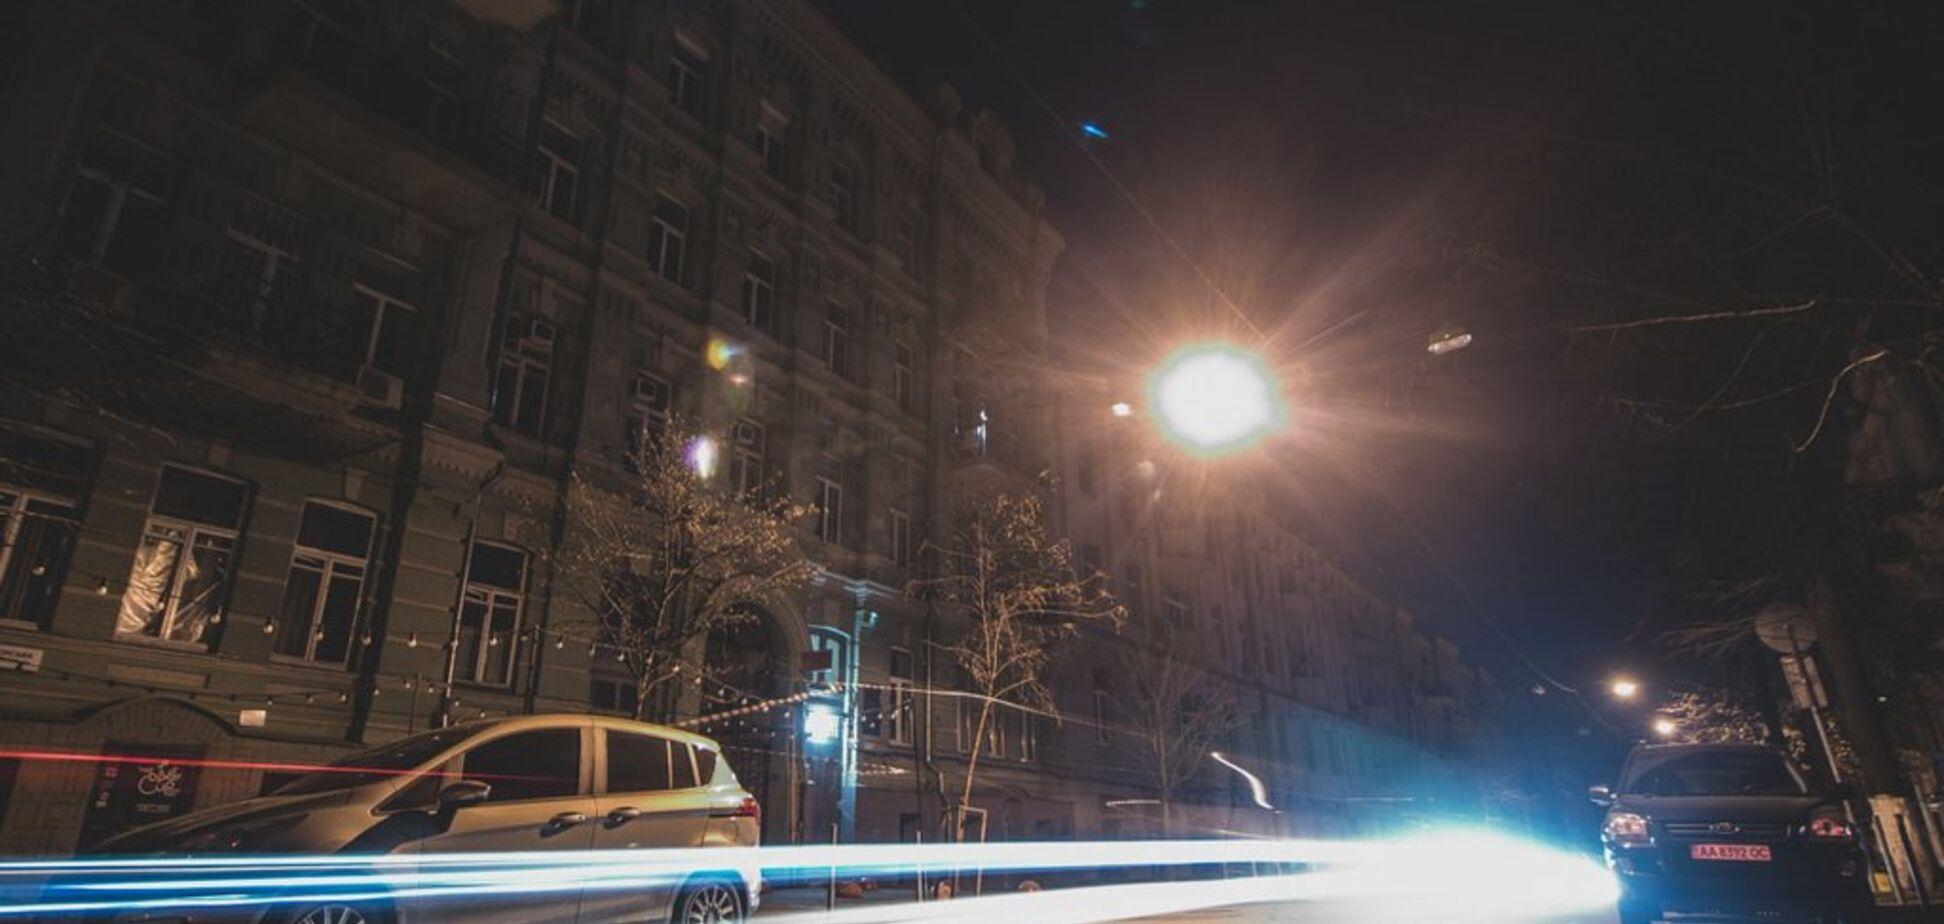 Зачаровує: в мережі показали загадкову вулицю в історичній частині Києва